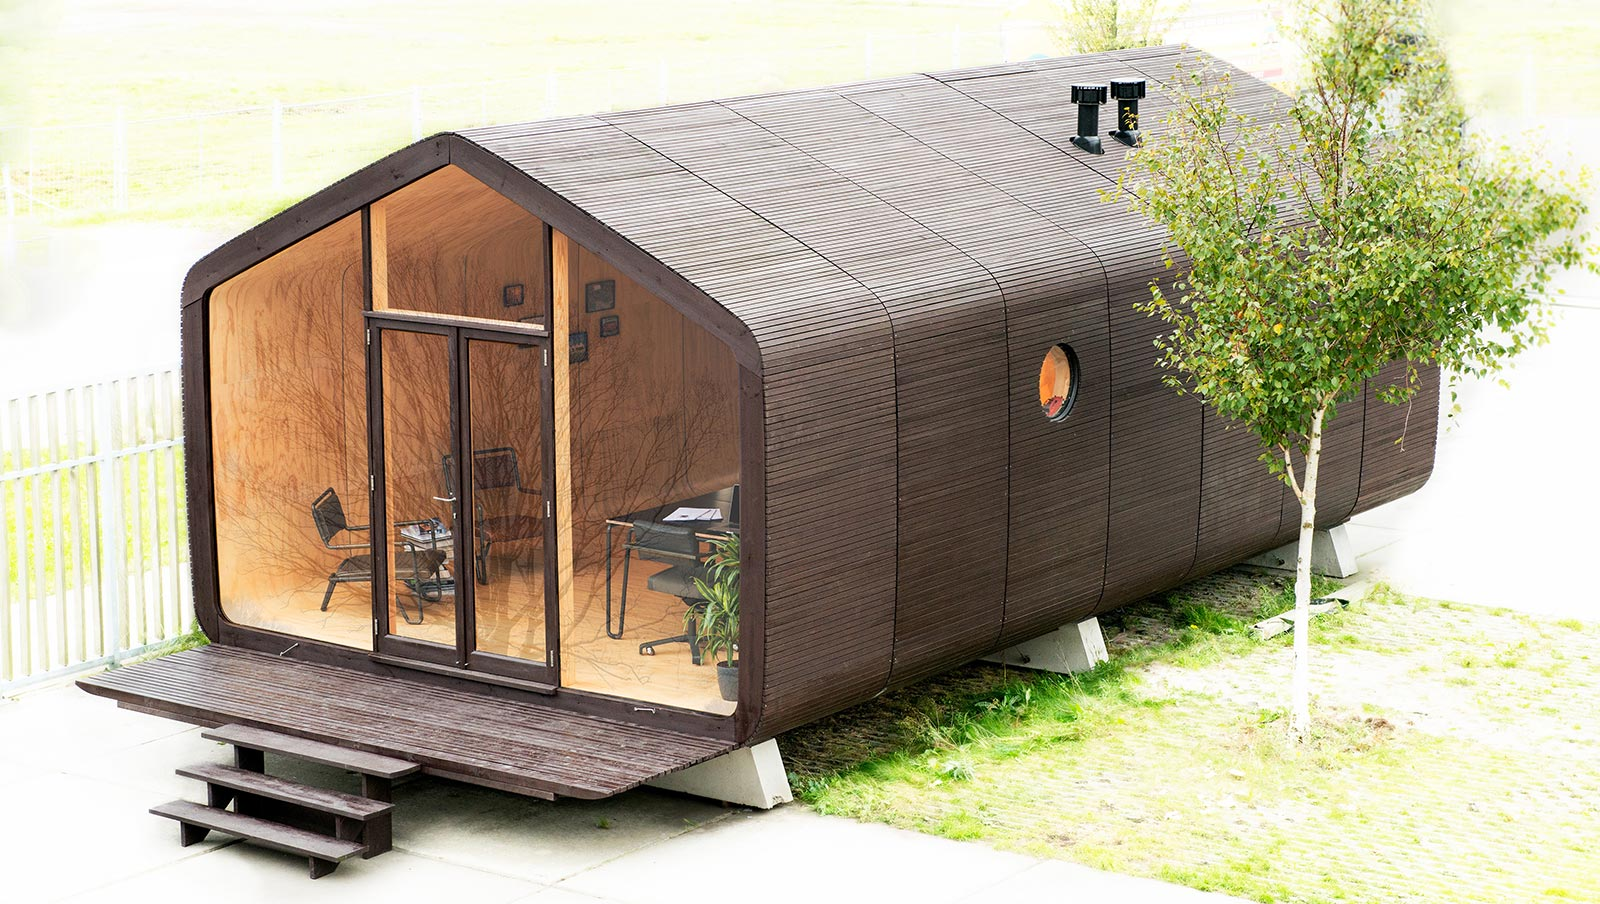 Sieben Elemente ergeben einen gut 40 Quadratmeter großen Raum, macht dann mindestens 175.000 Euro für das Tine House!